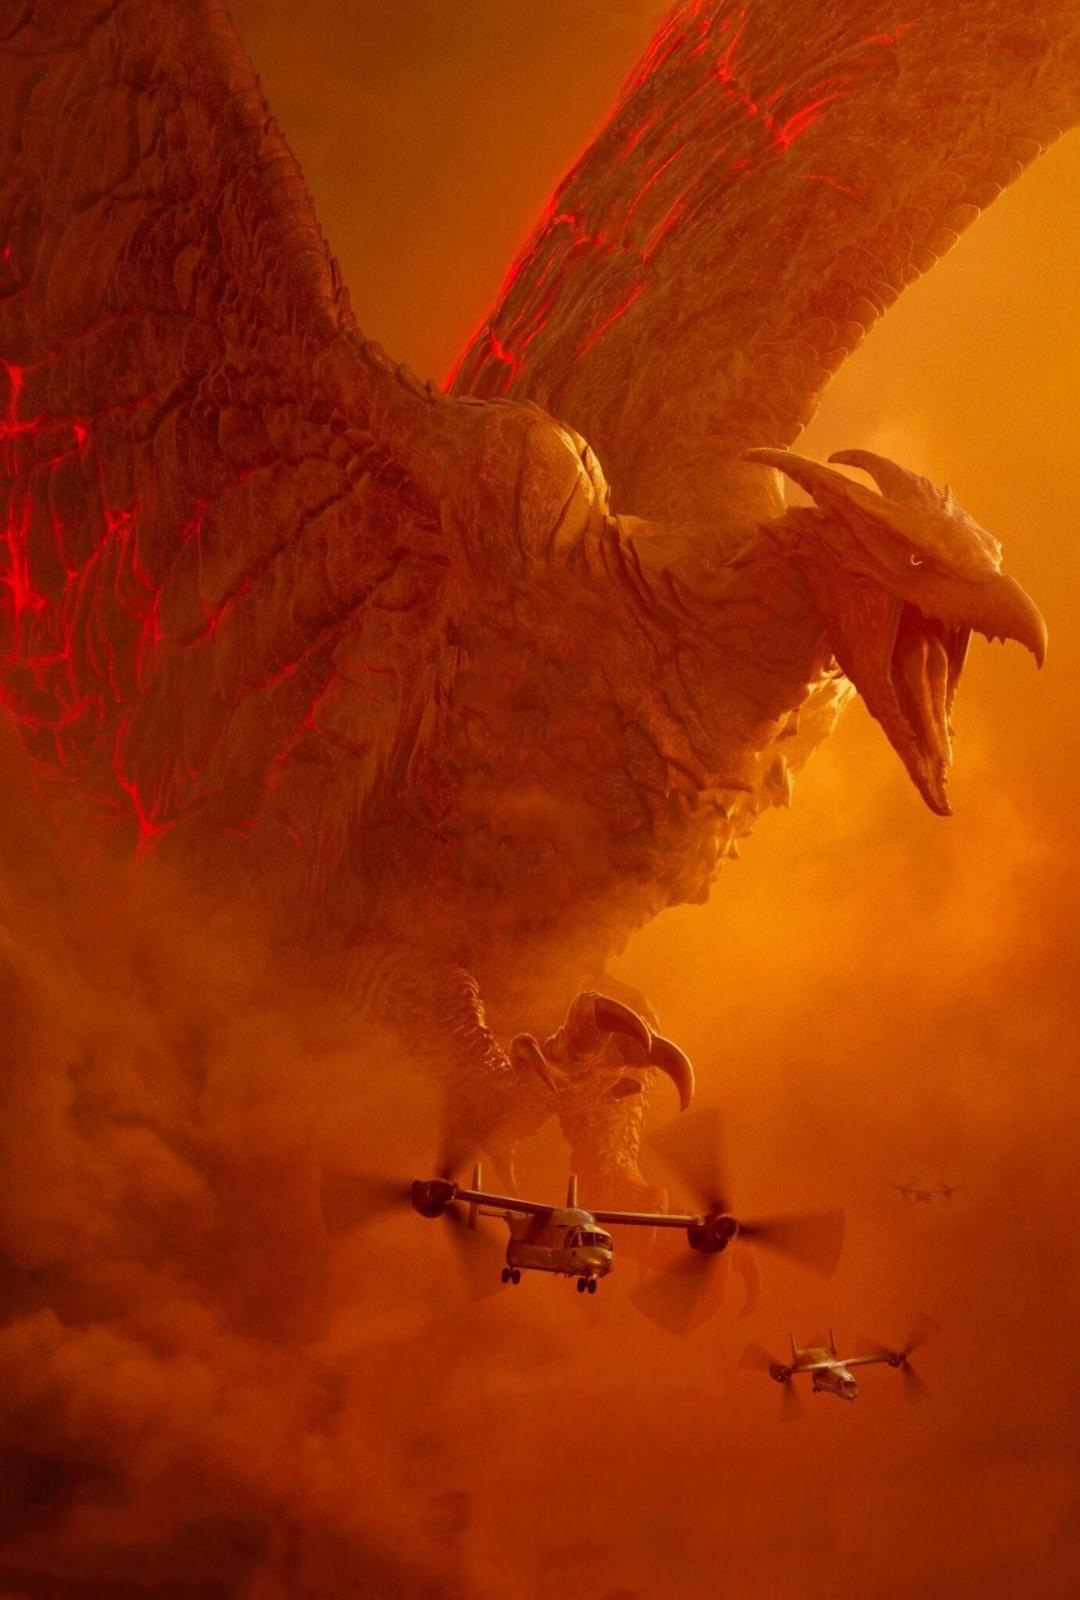 Der Kaiju der Woche ist Rodan